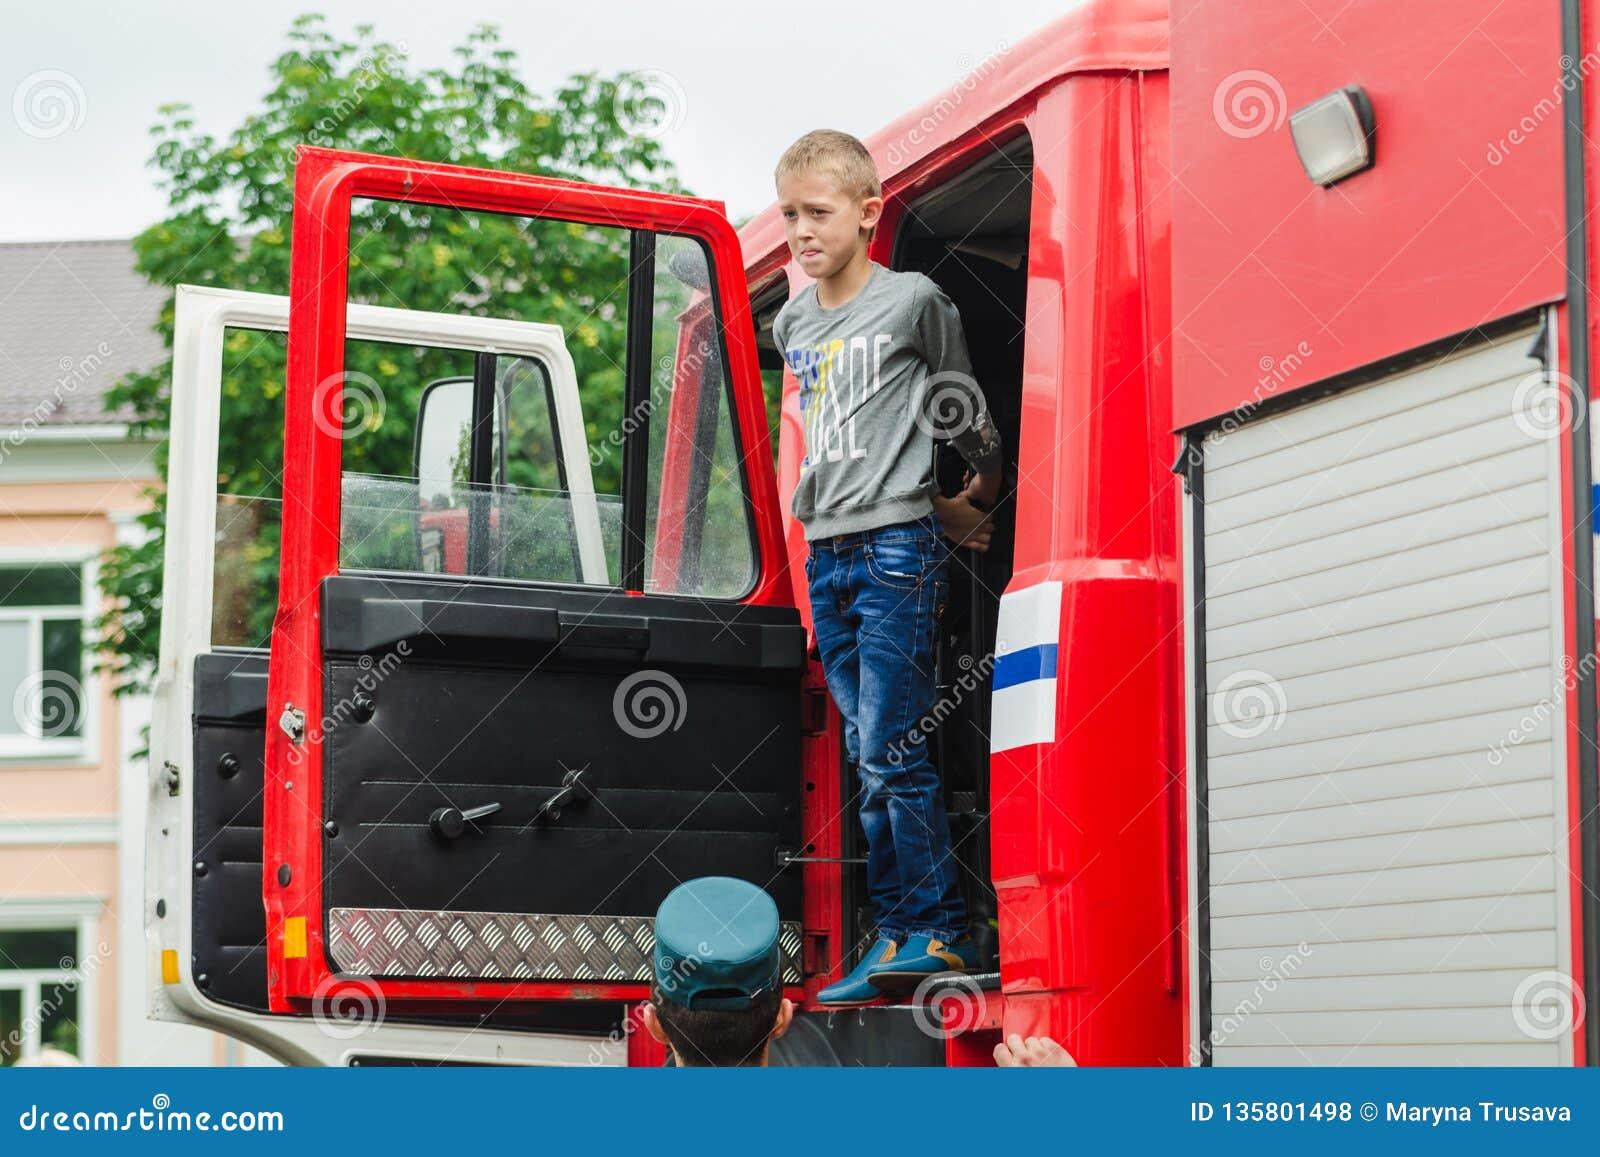 HORKI, WEISSRUSSLAND - 25. JULI 2018: Der Junge schaut aus dem roten Auto des Rettungsdiensts 112 an einem Feiertag im Park an ei